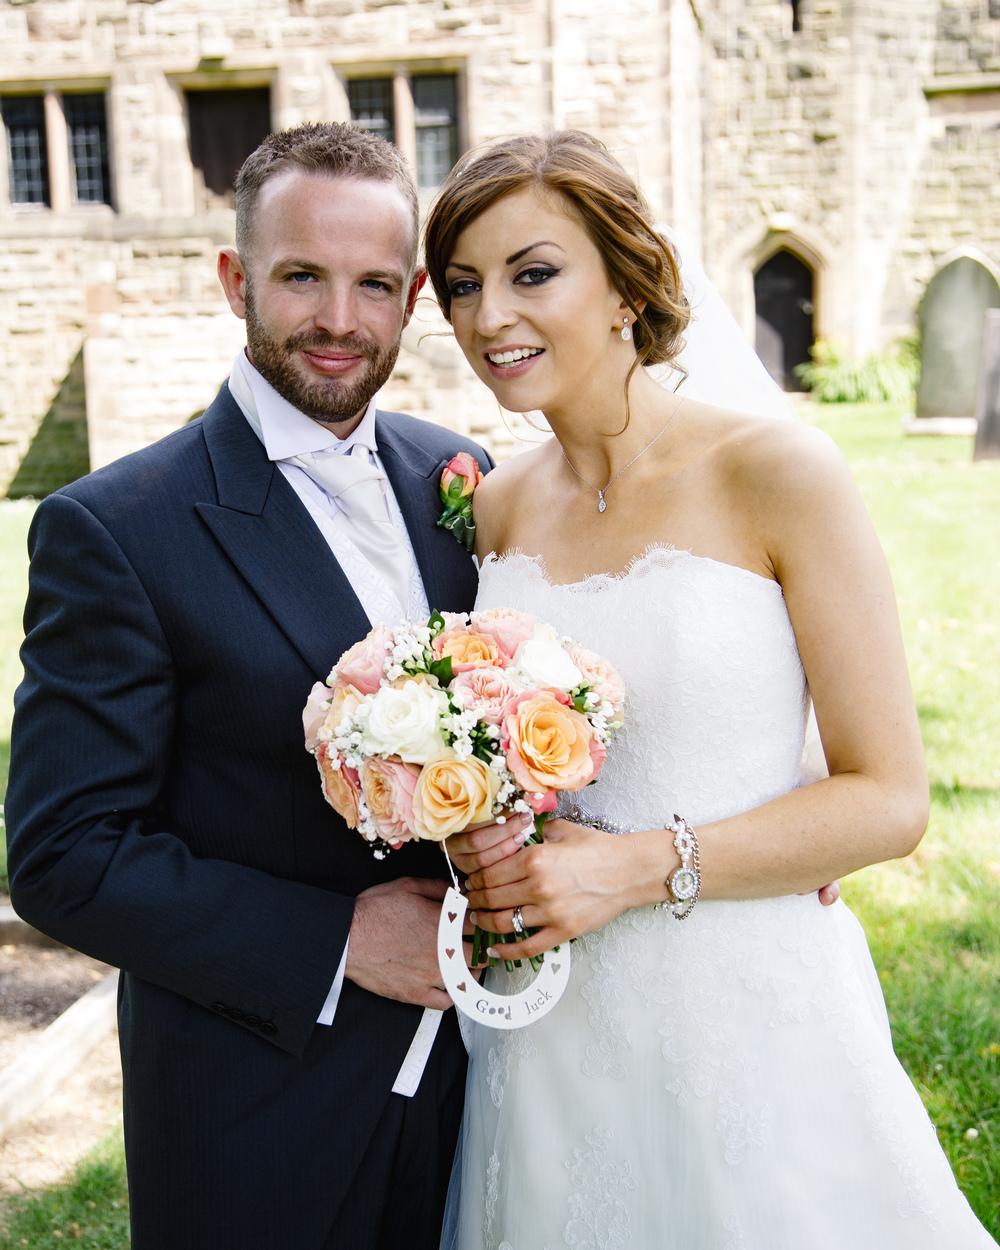 Laura & Carls Wedding Day-1331 (2).jpg